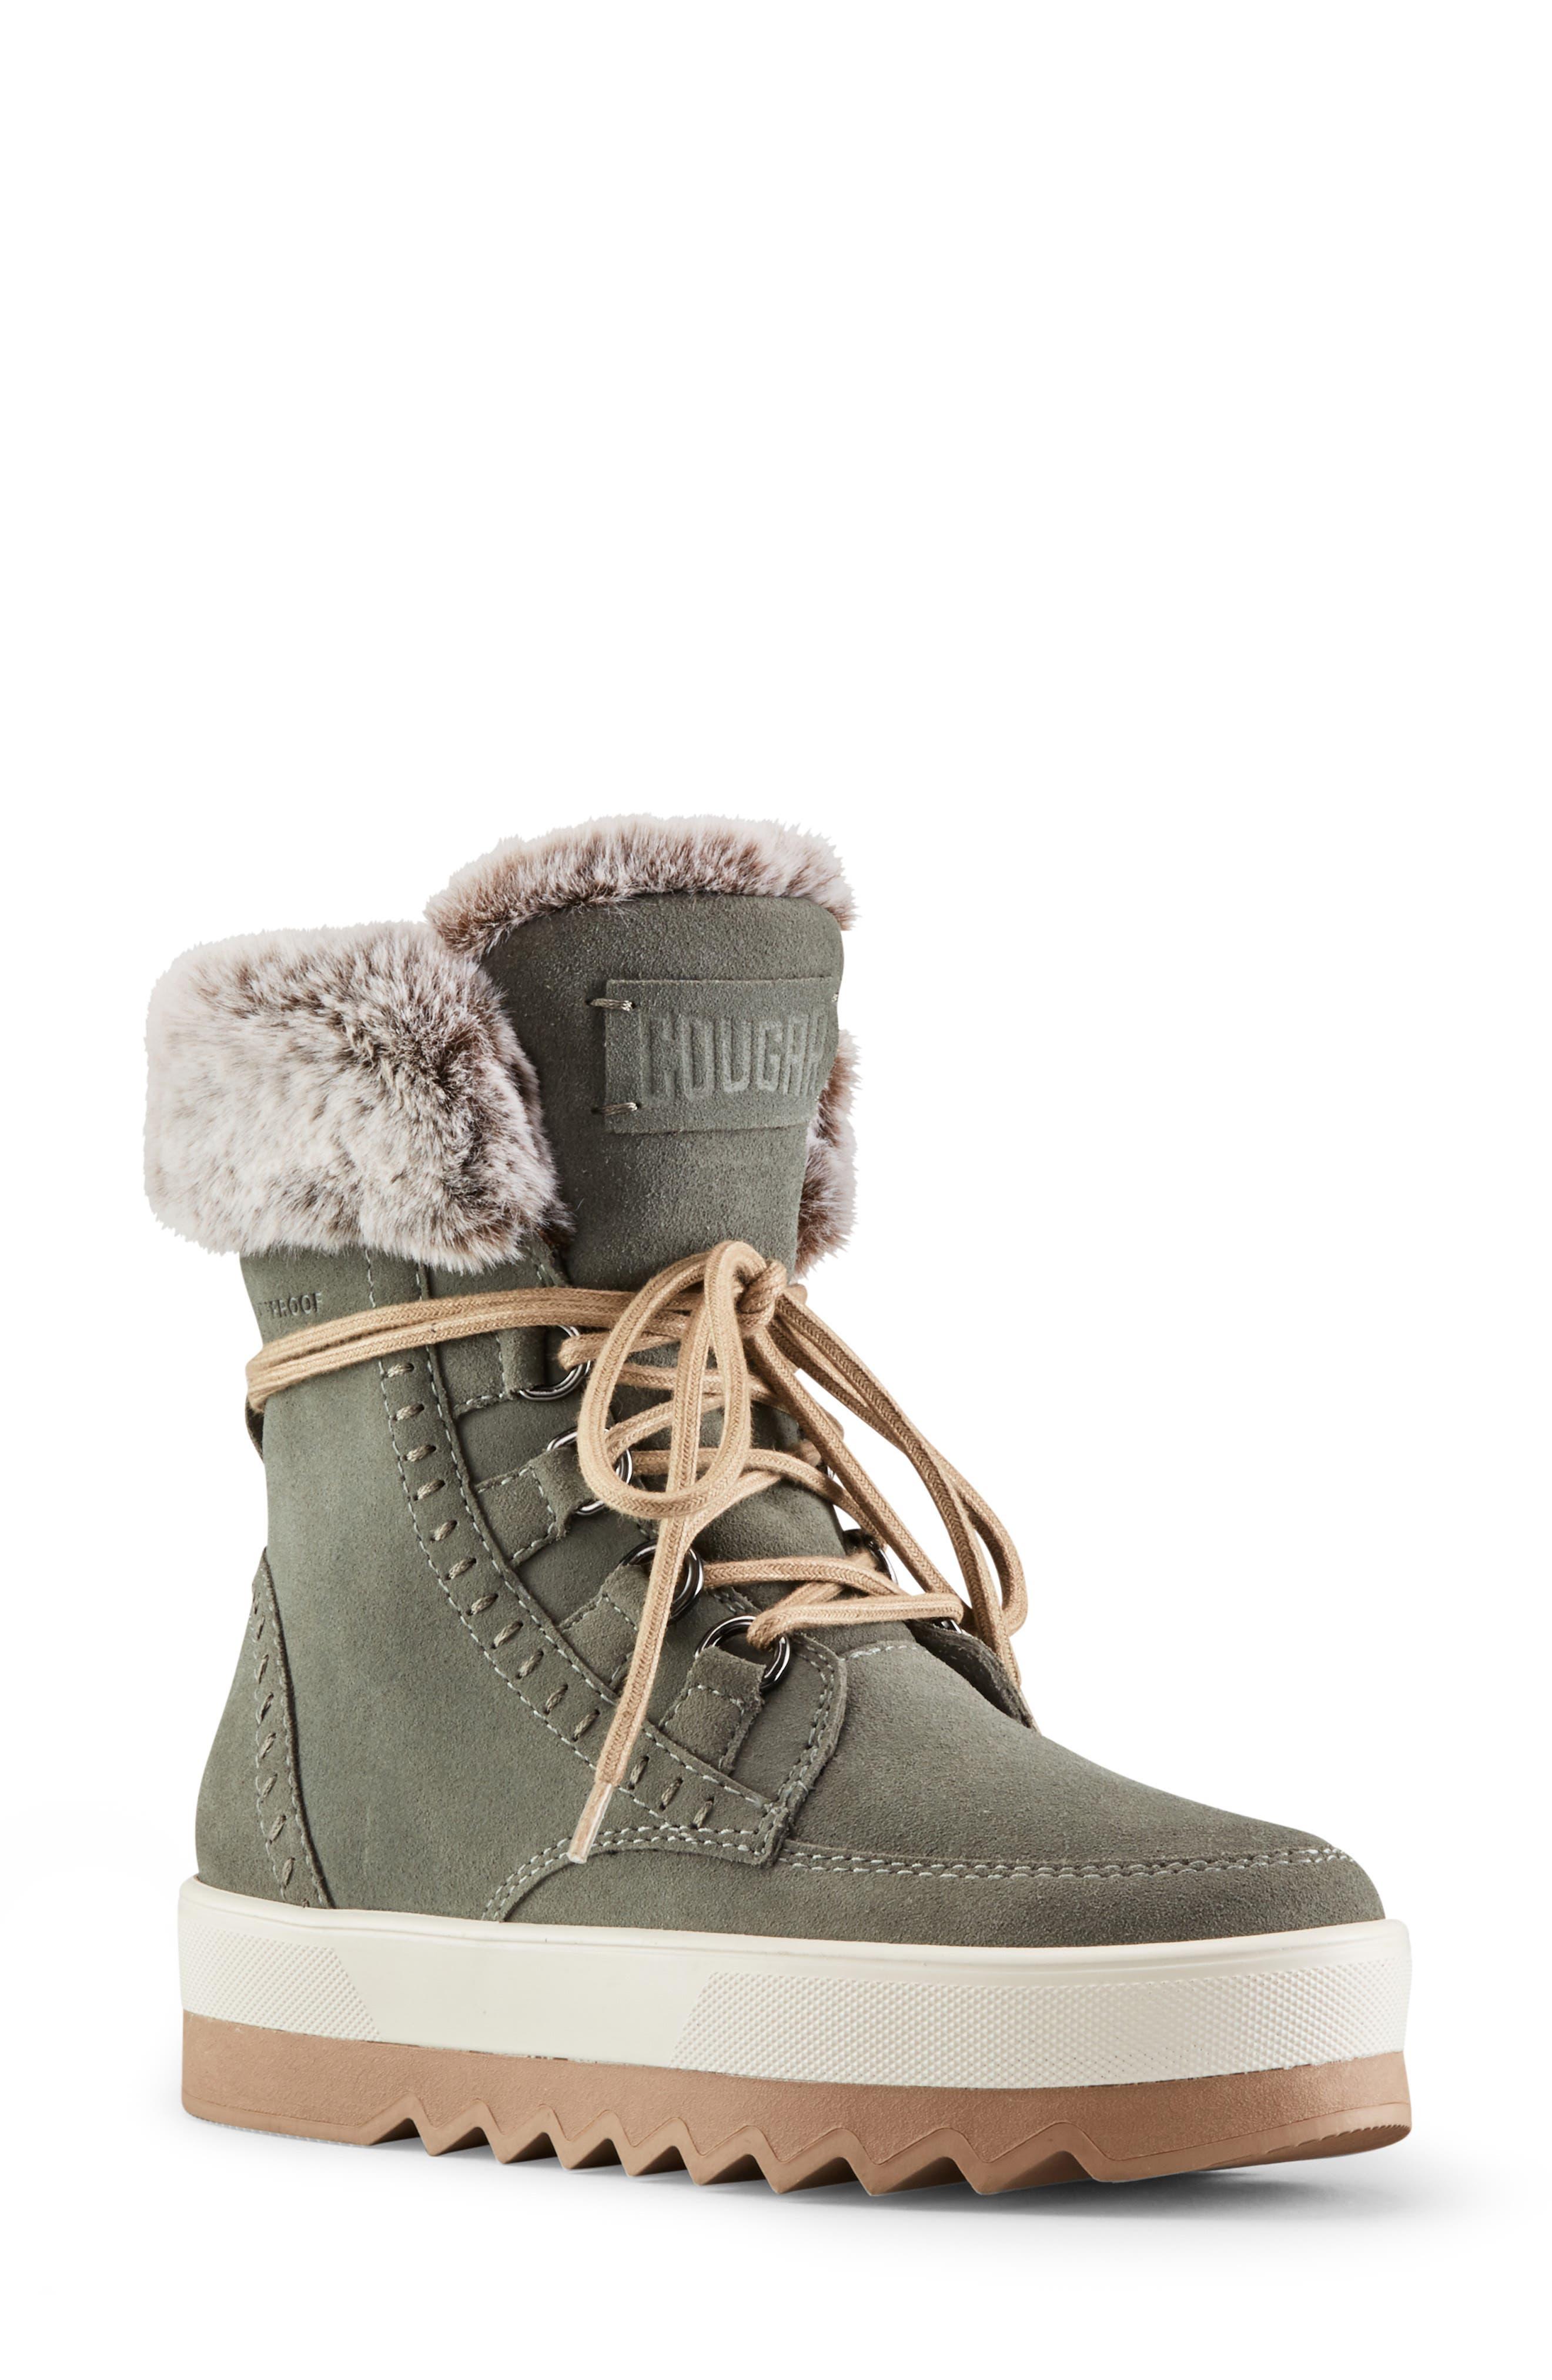 Women's Winter \u0026 Snow Boots | Nordstrom